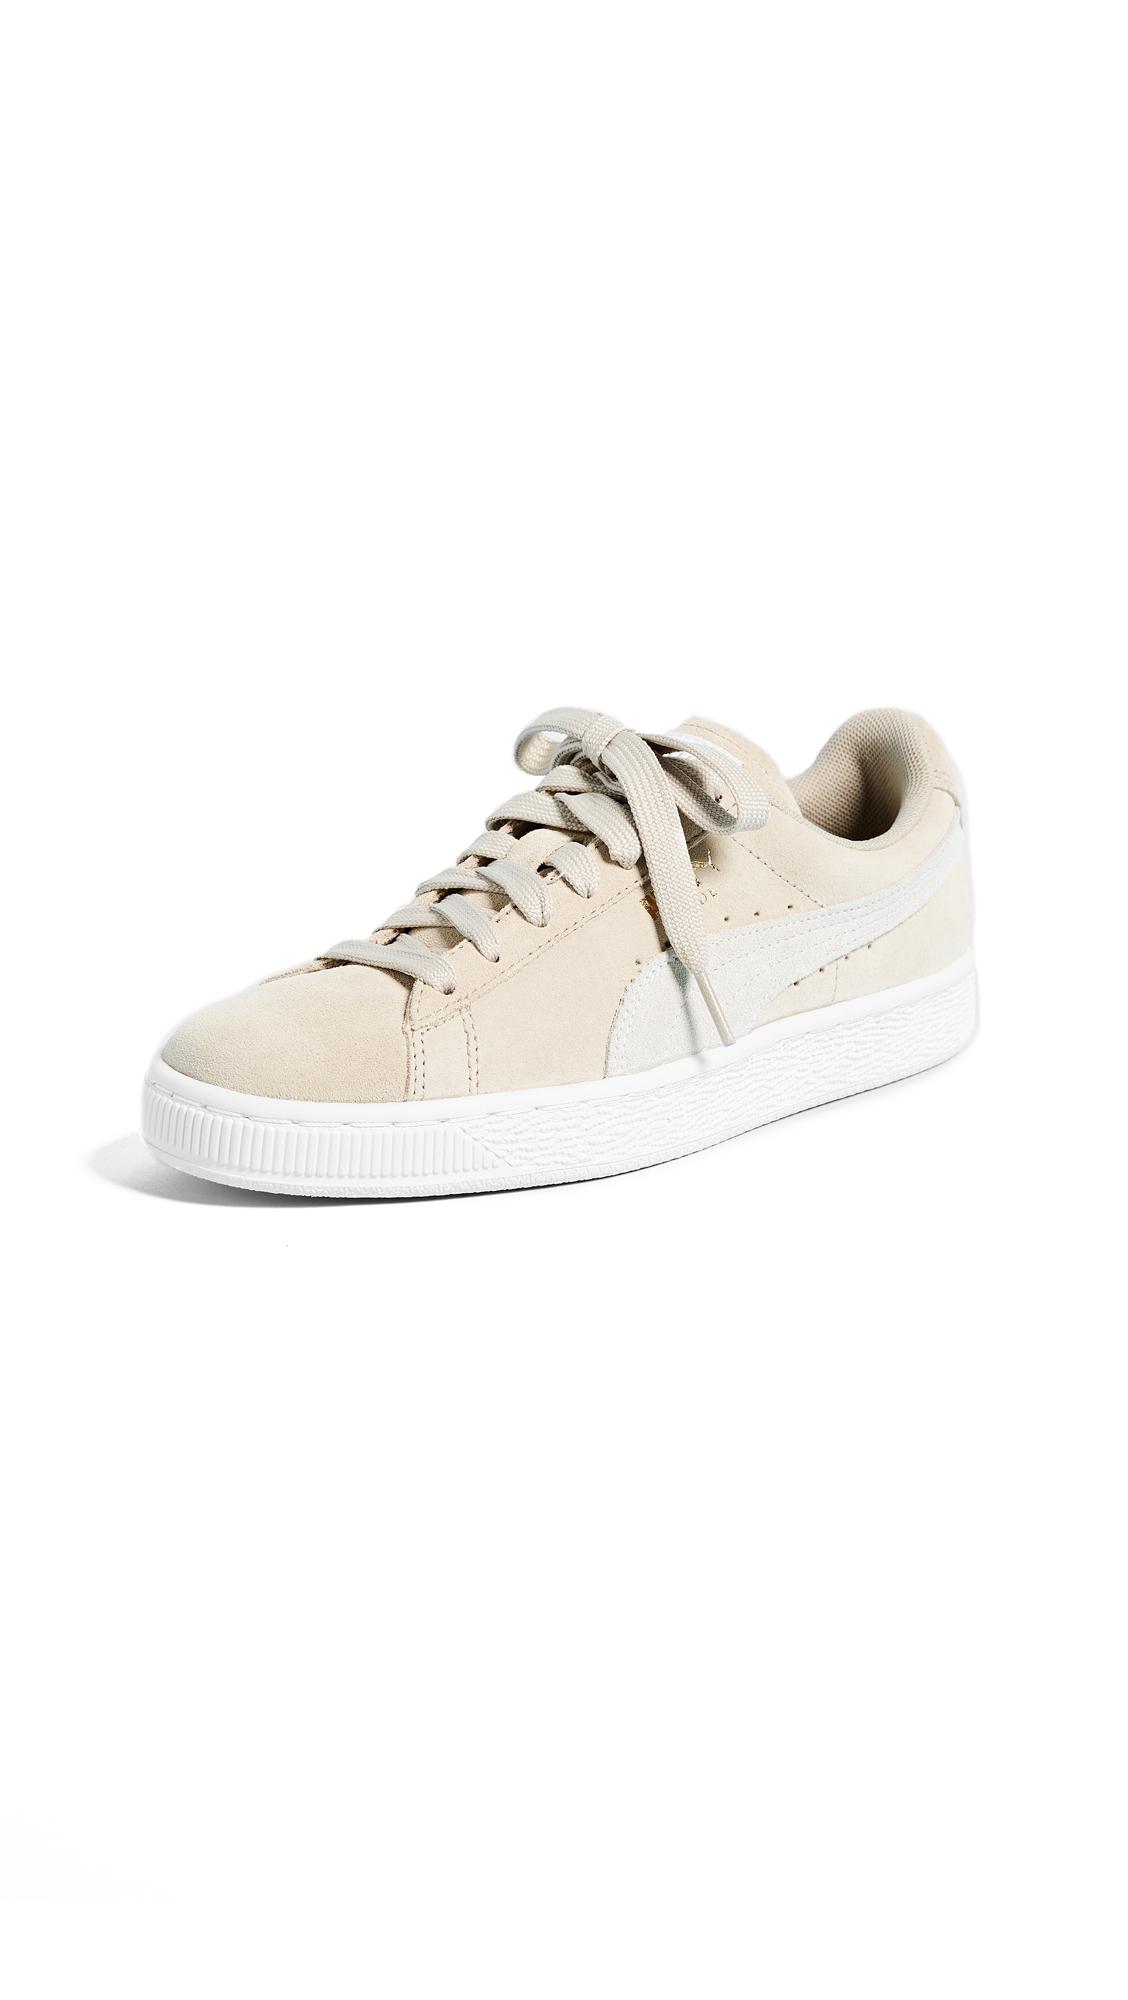 PUMA Suede Classic Sneakers - Safari/Puma White